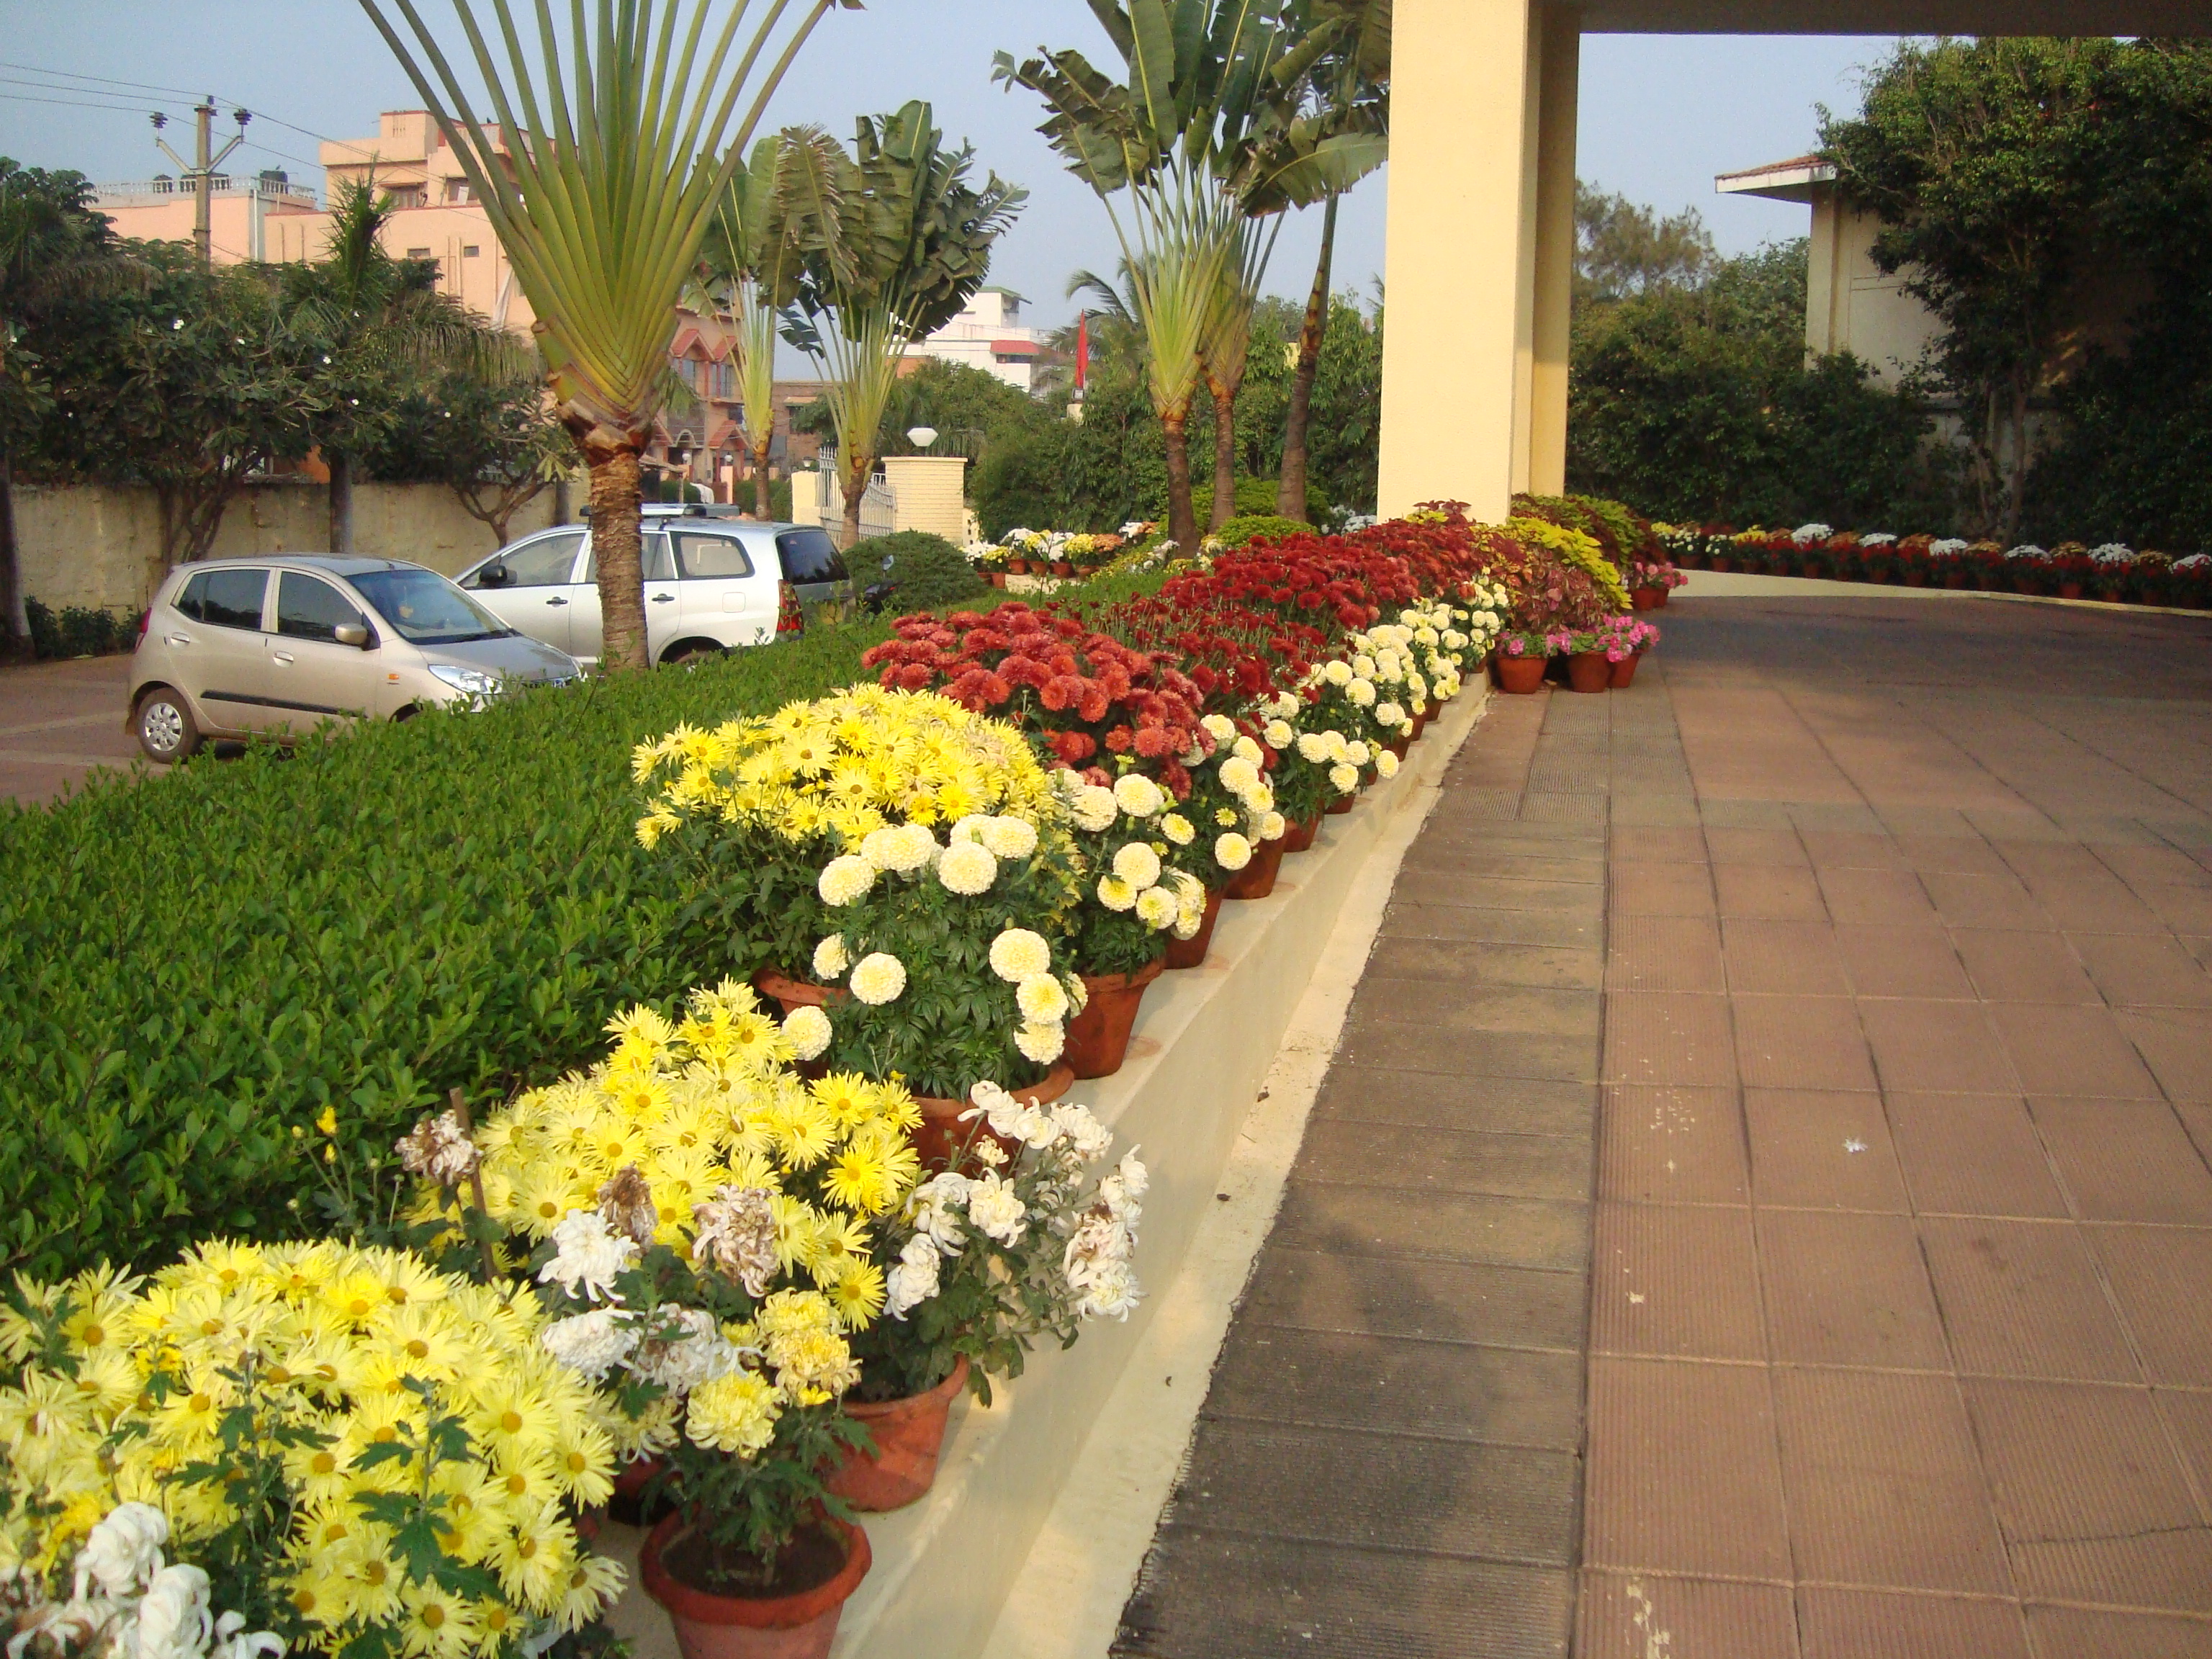 Nursery Garden / Vertical Green Wall Design - My website